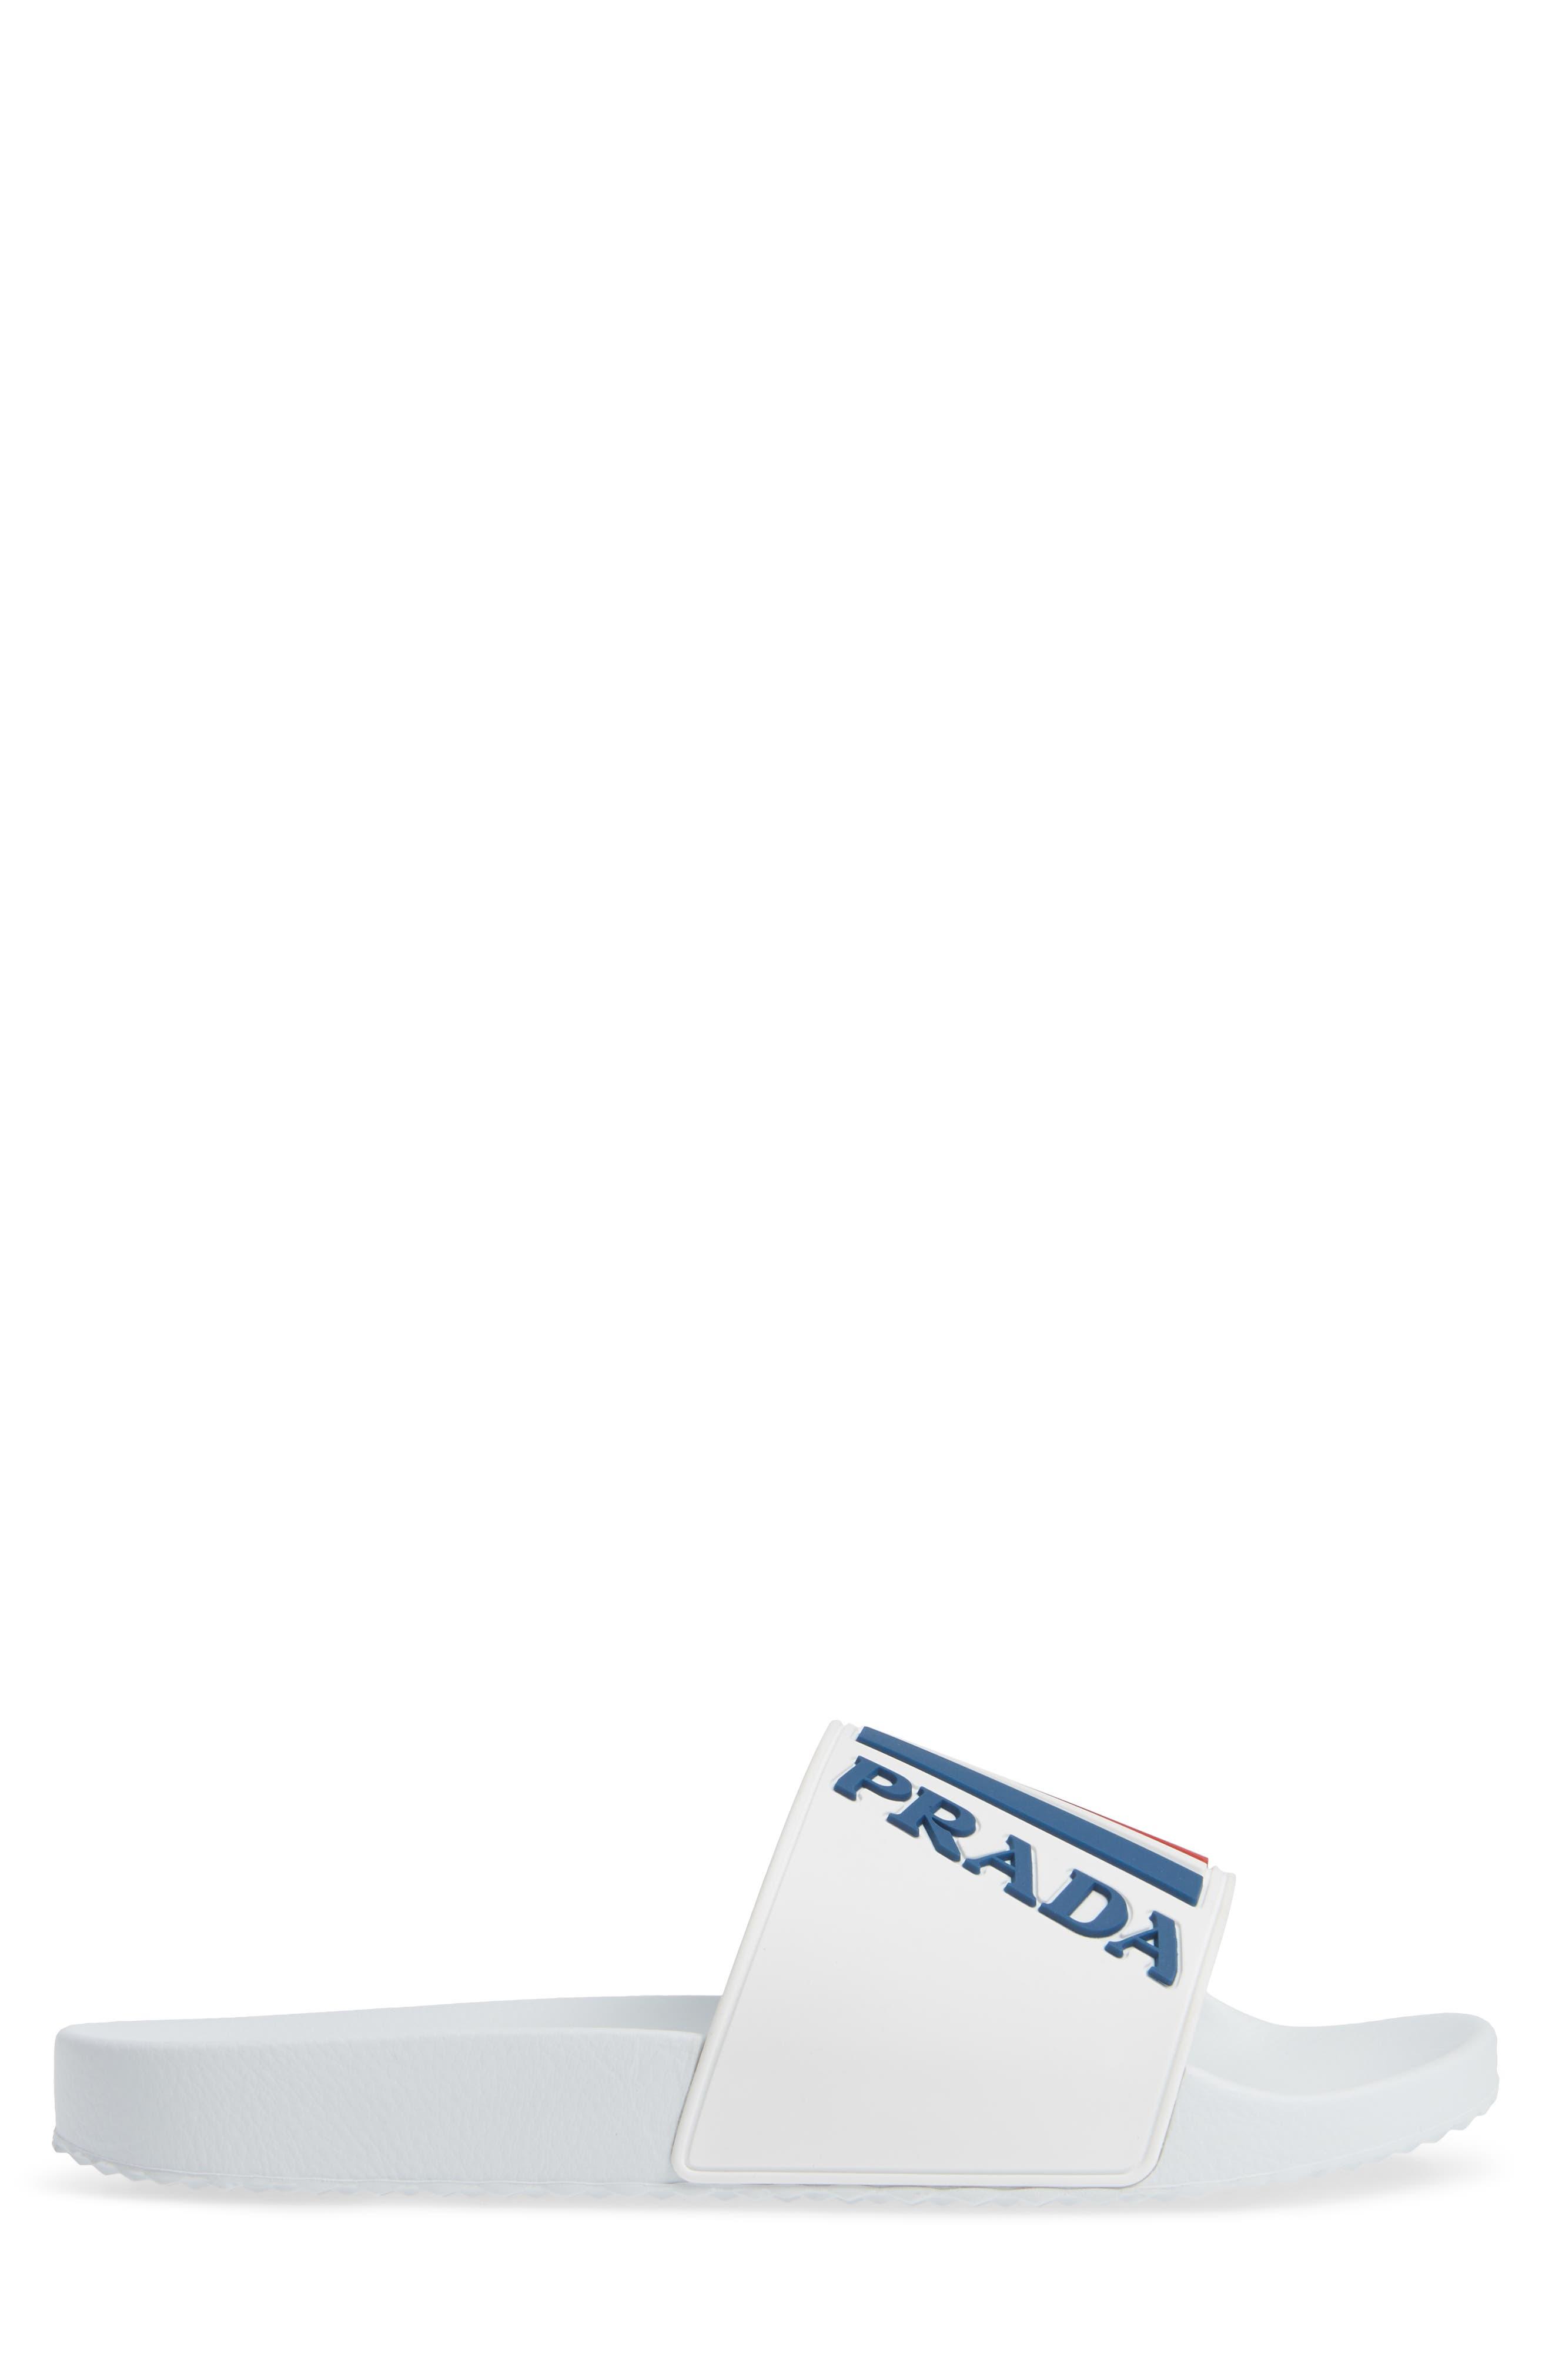 PRADA, Linea Rossa Logo Slide Sandal, Alternate thumbnail 3, color, WHITE/ BLUE